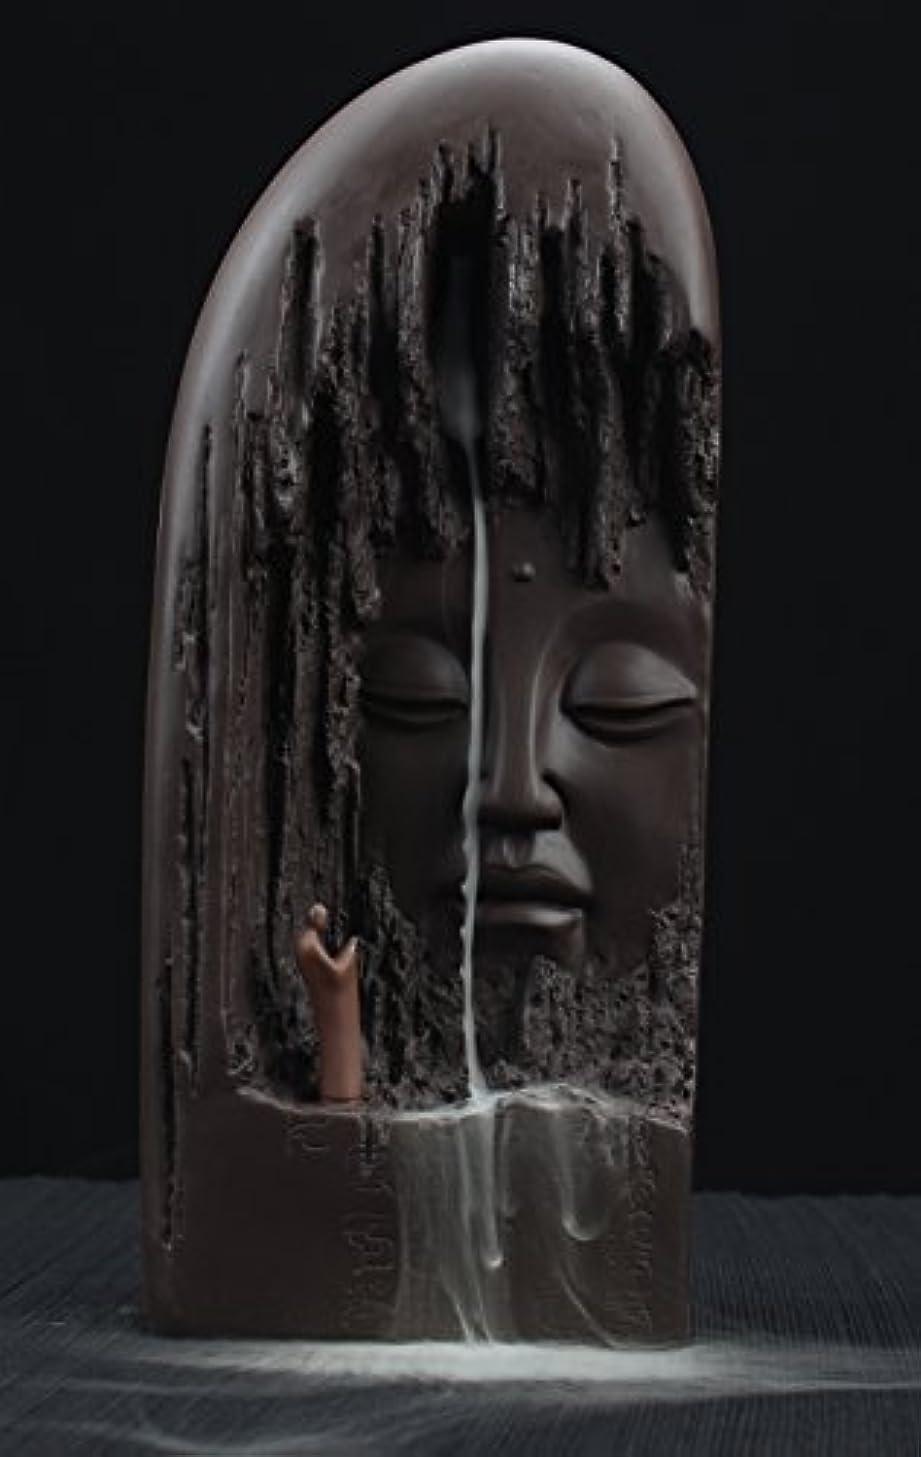 フォーラム重さ団結するETIALセラミックBudda Statue Backflow Incense円錐BurnerホルダーWaterfall Artwareホームオーナメント